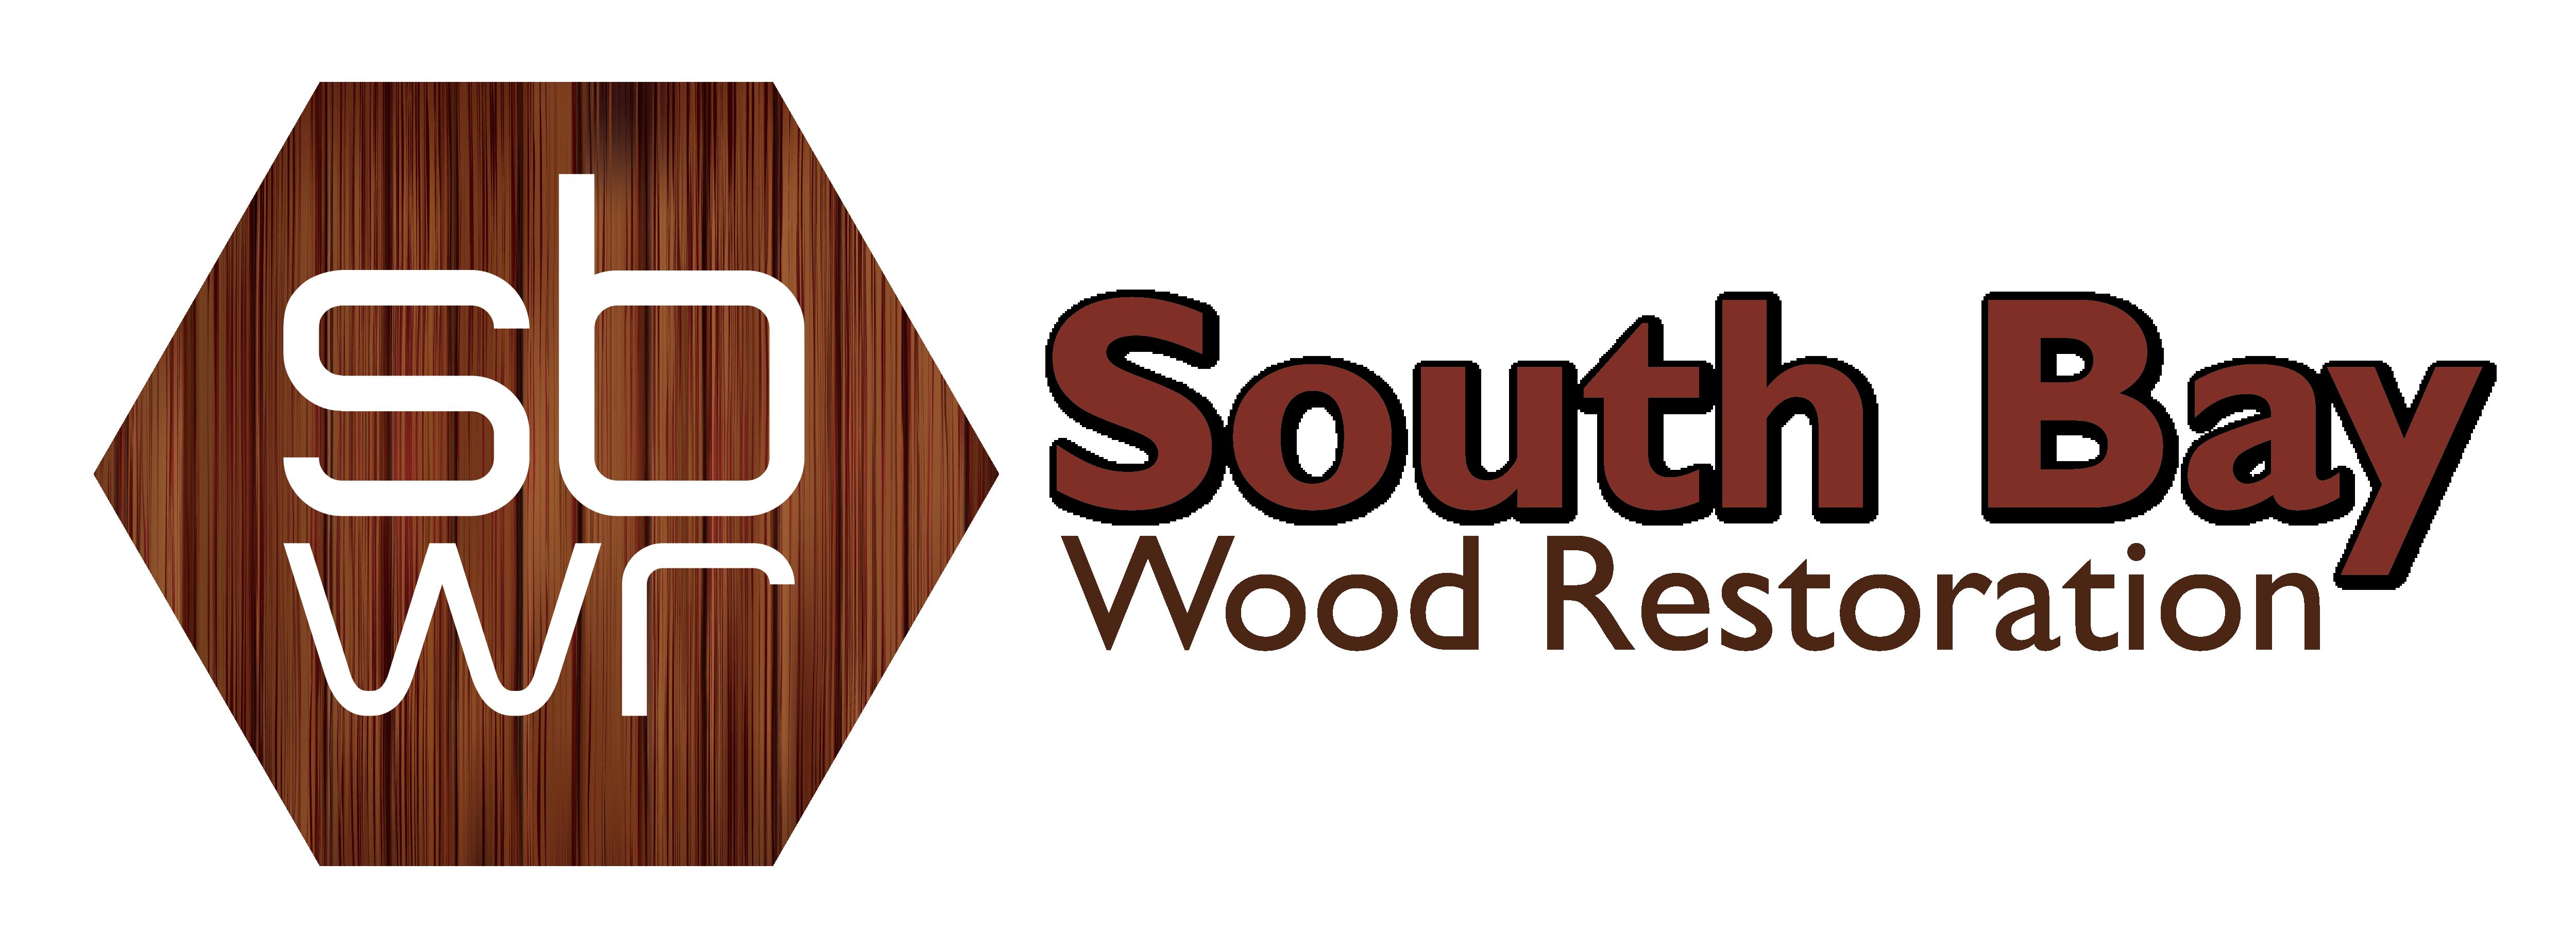 South Bay Wood Restoratino Logo